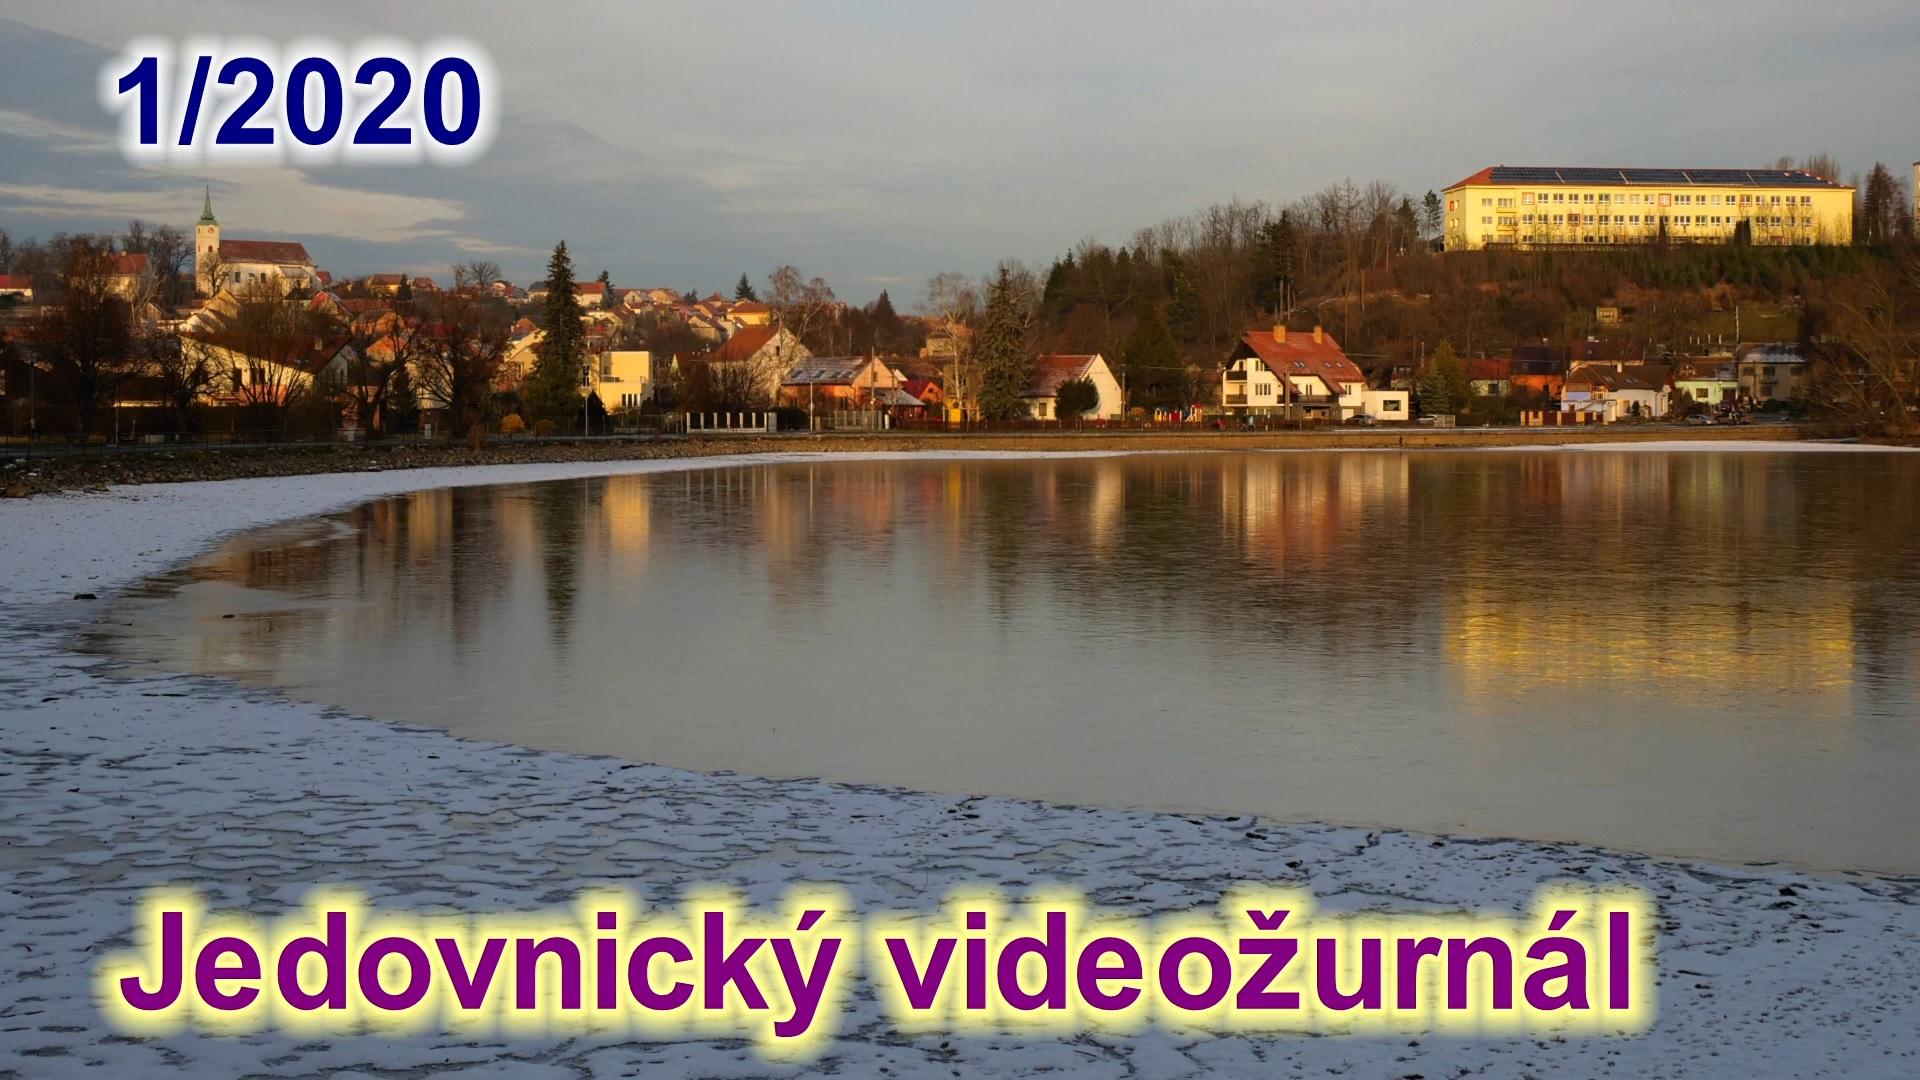 Online chat & Seznamovn se v Jedovnice | rande - Ilikeyou